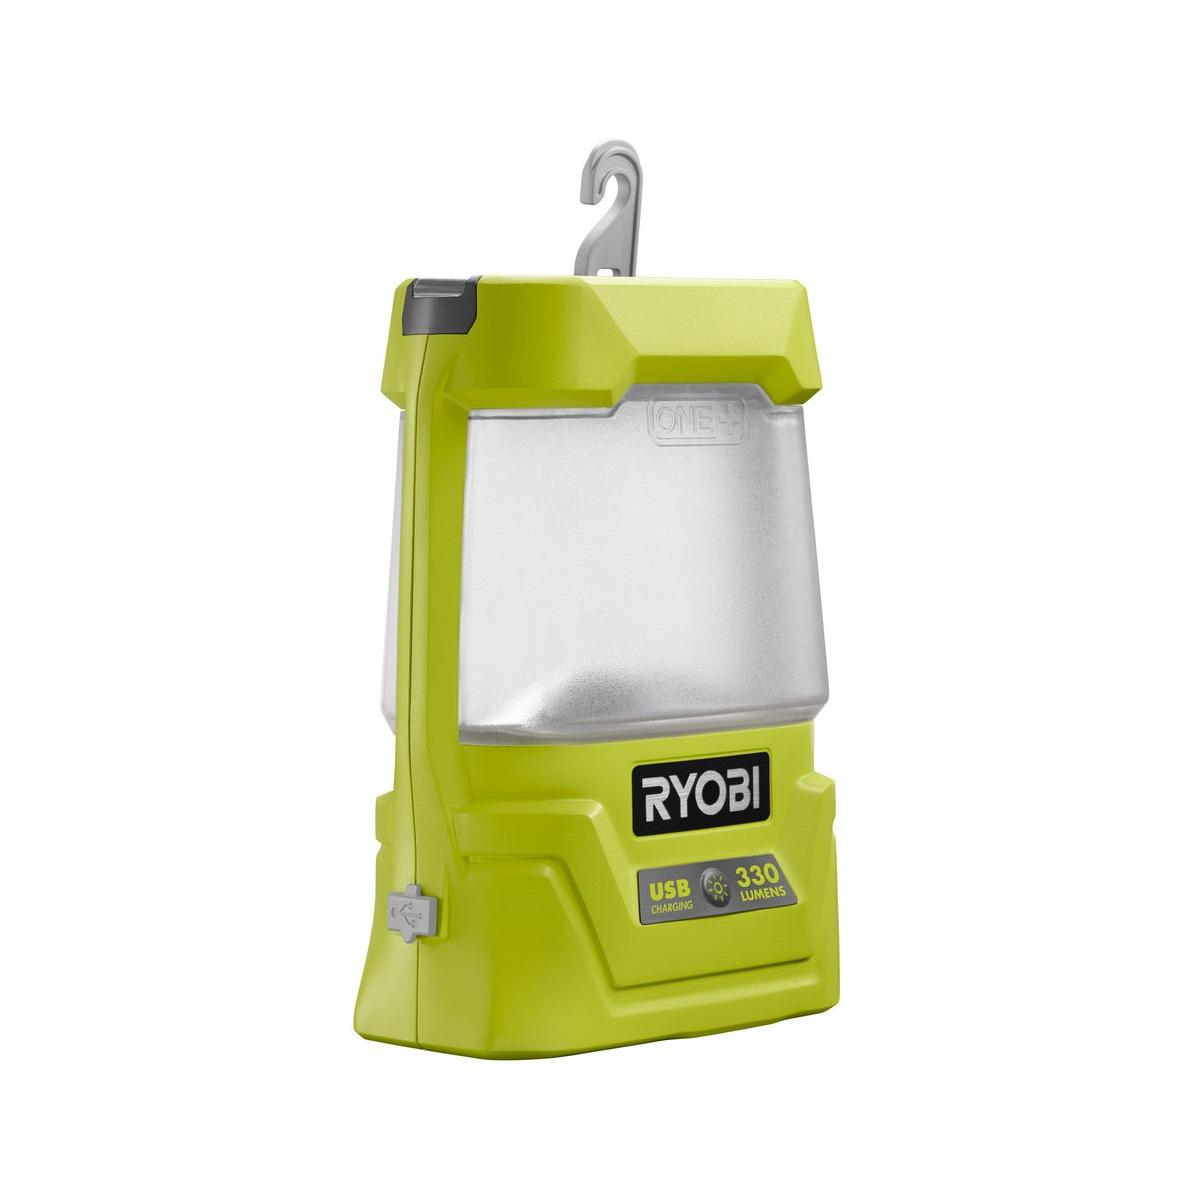 aku 18 V svítilna s USB výstupem Ryobi R18ALU-0